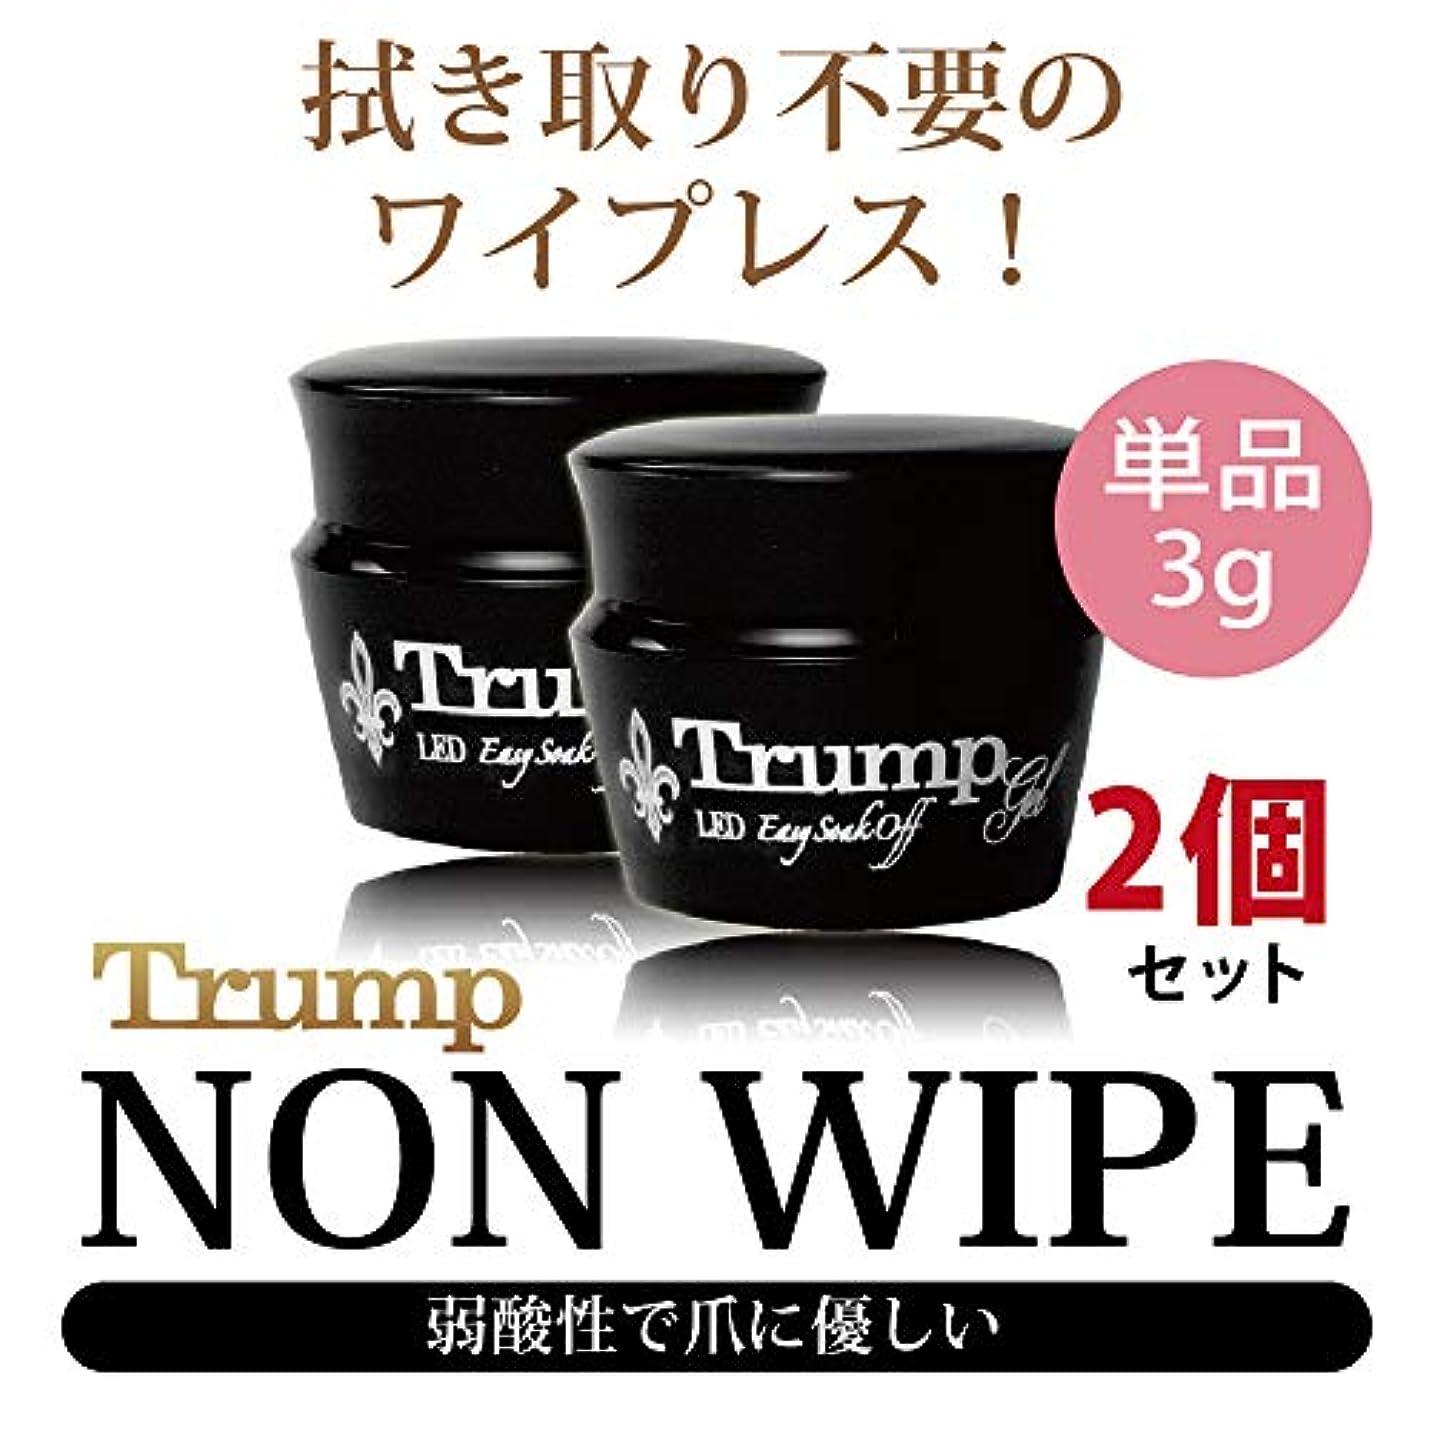 チャンピオンシップピアニスト保守的Trump gel ノンワイプトップジェル 3g 2個セット